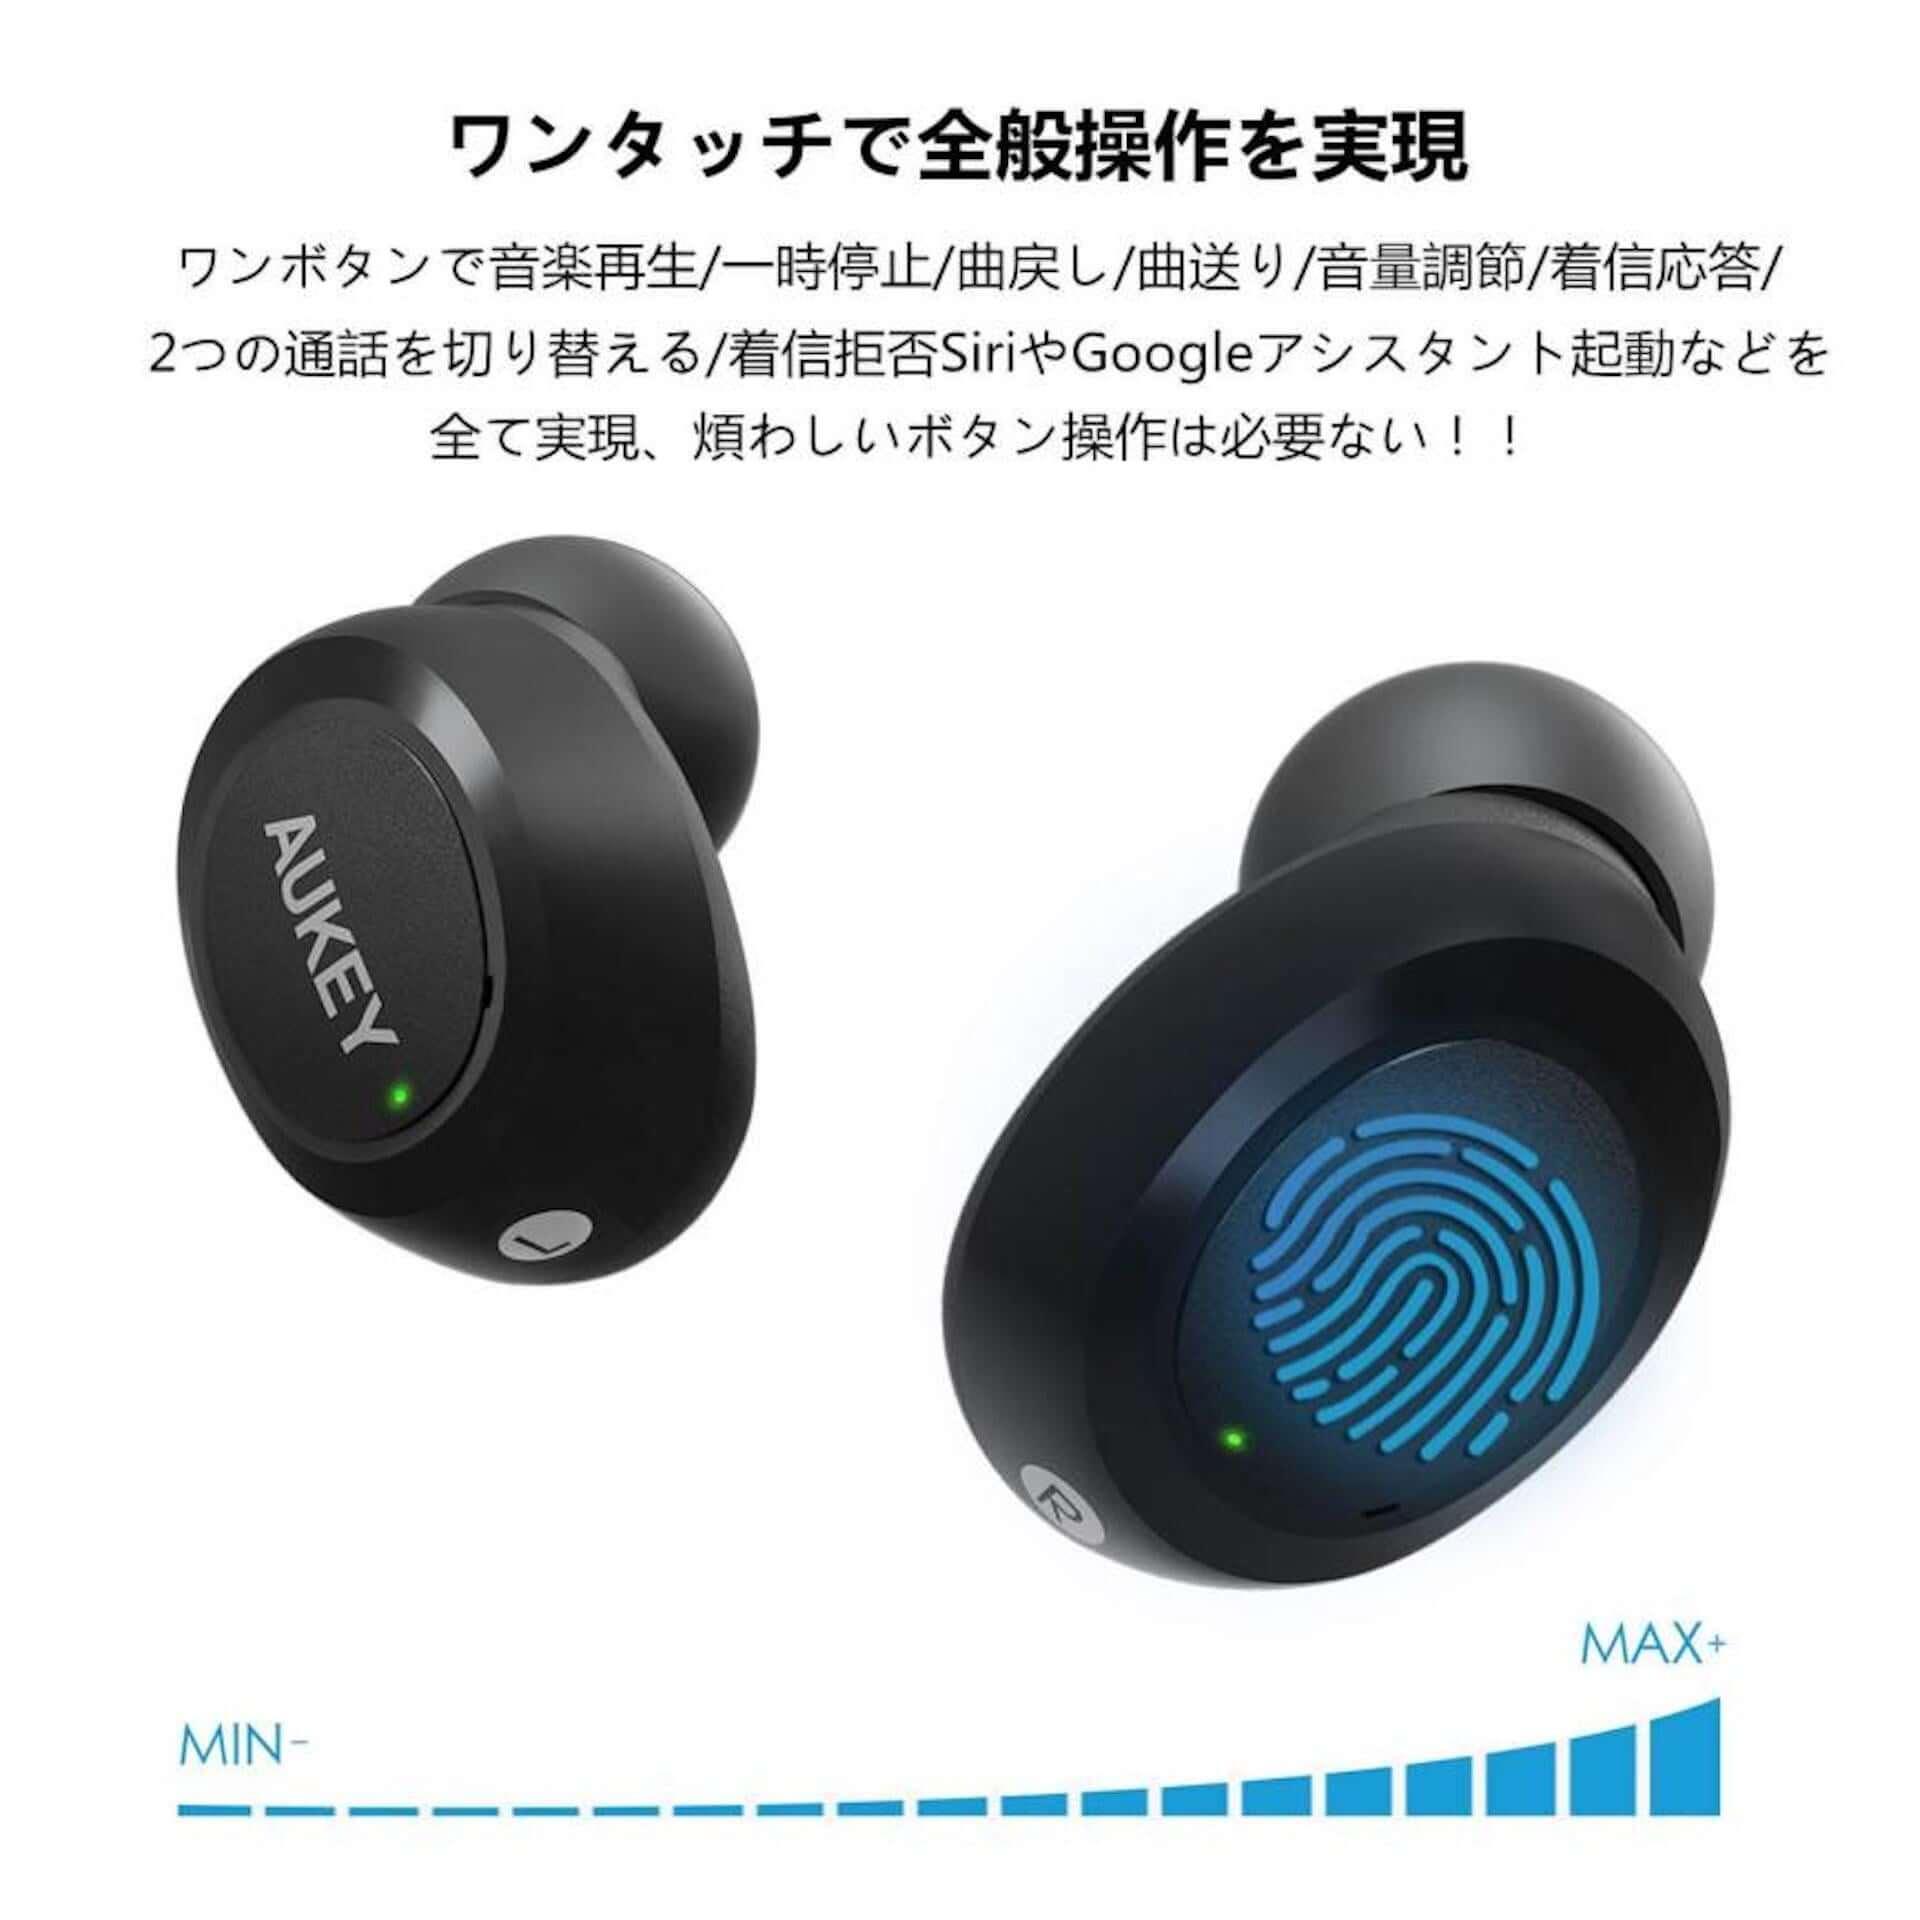 わずか4.5gでフィット感抜群!HI-FI高音質、防水性能を備えた完全ワイヤレスイヤホン「EP-T16S」が登場 technology190806aukey-earphone_2-1920x1920